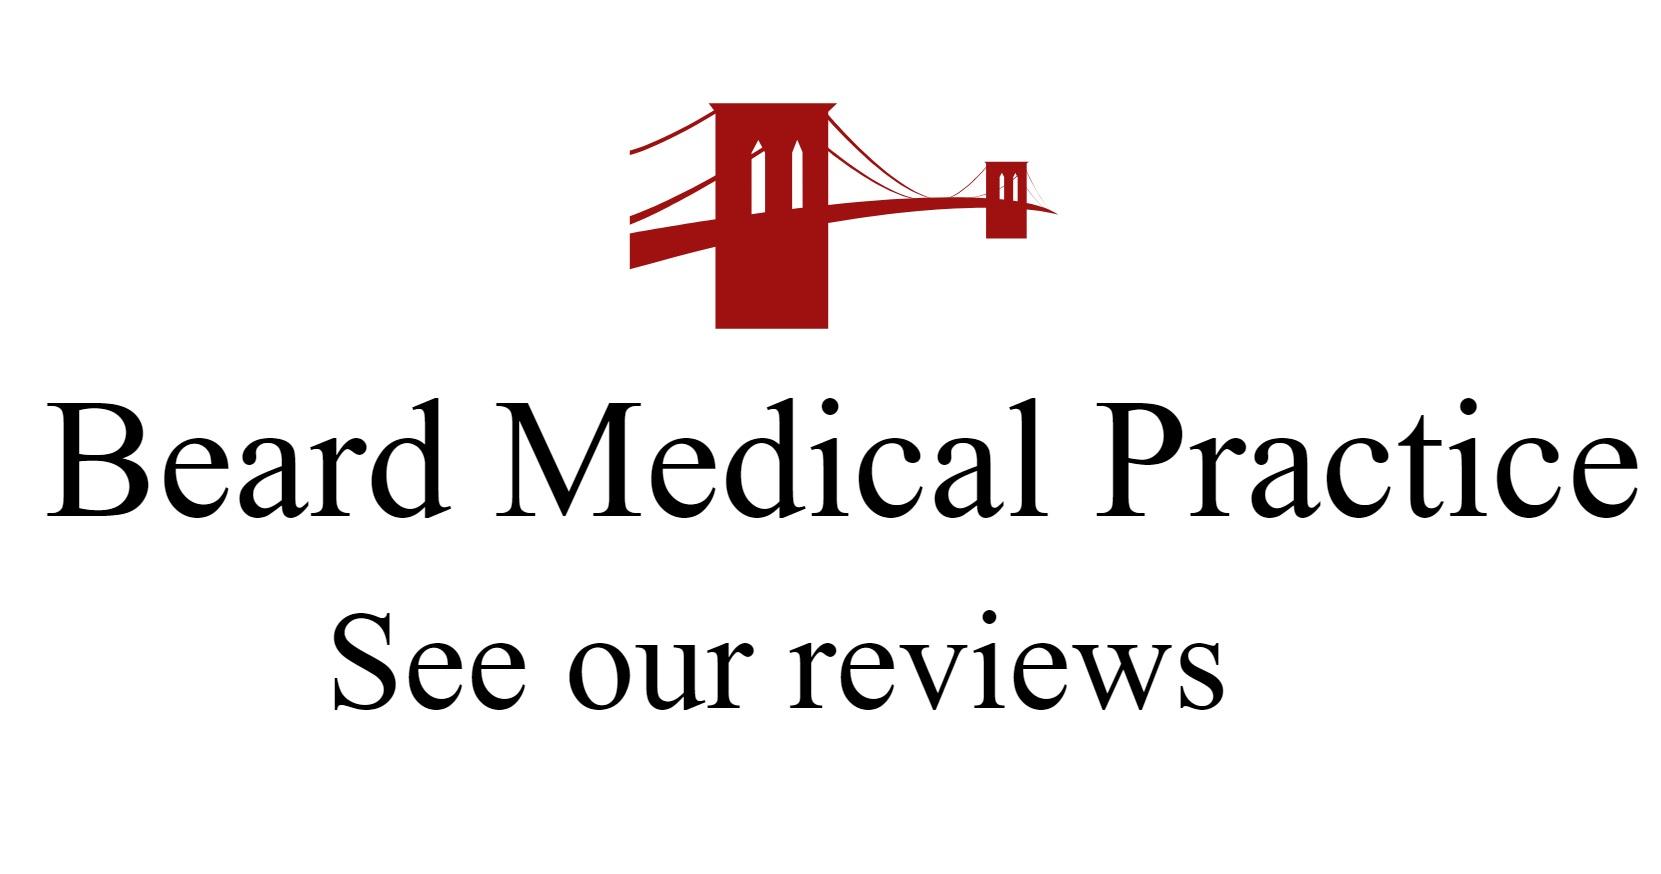 Beard+Medical+Practice-logo+%283%29.jpg